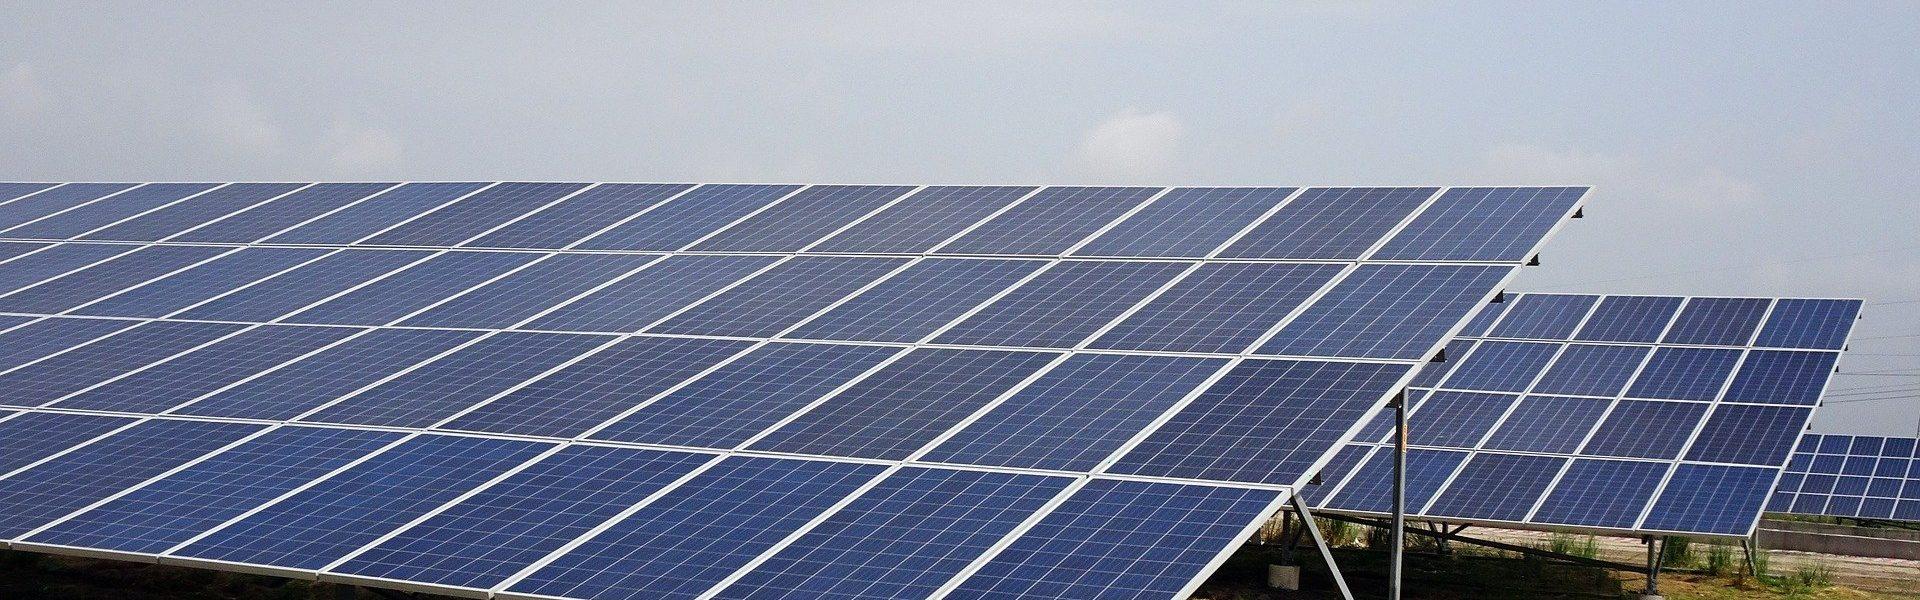 Header Bild Tag der erneuerbaren Energien am 24. April